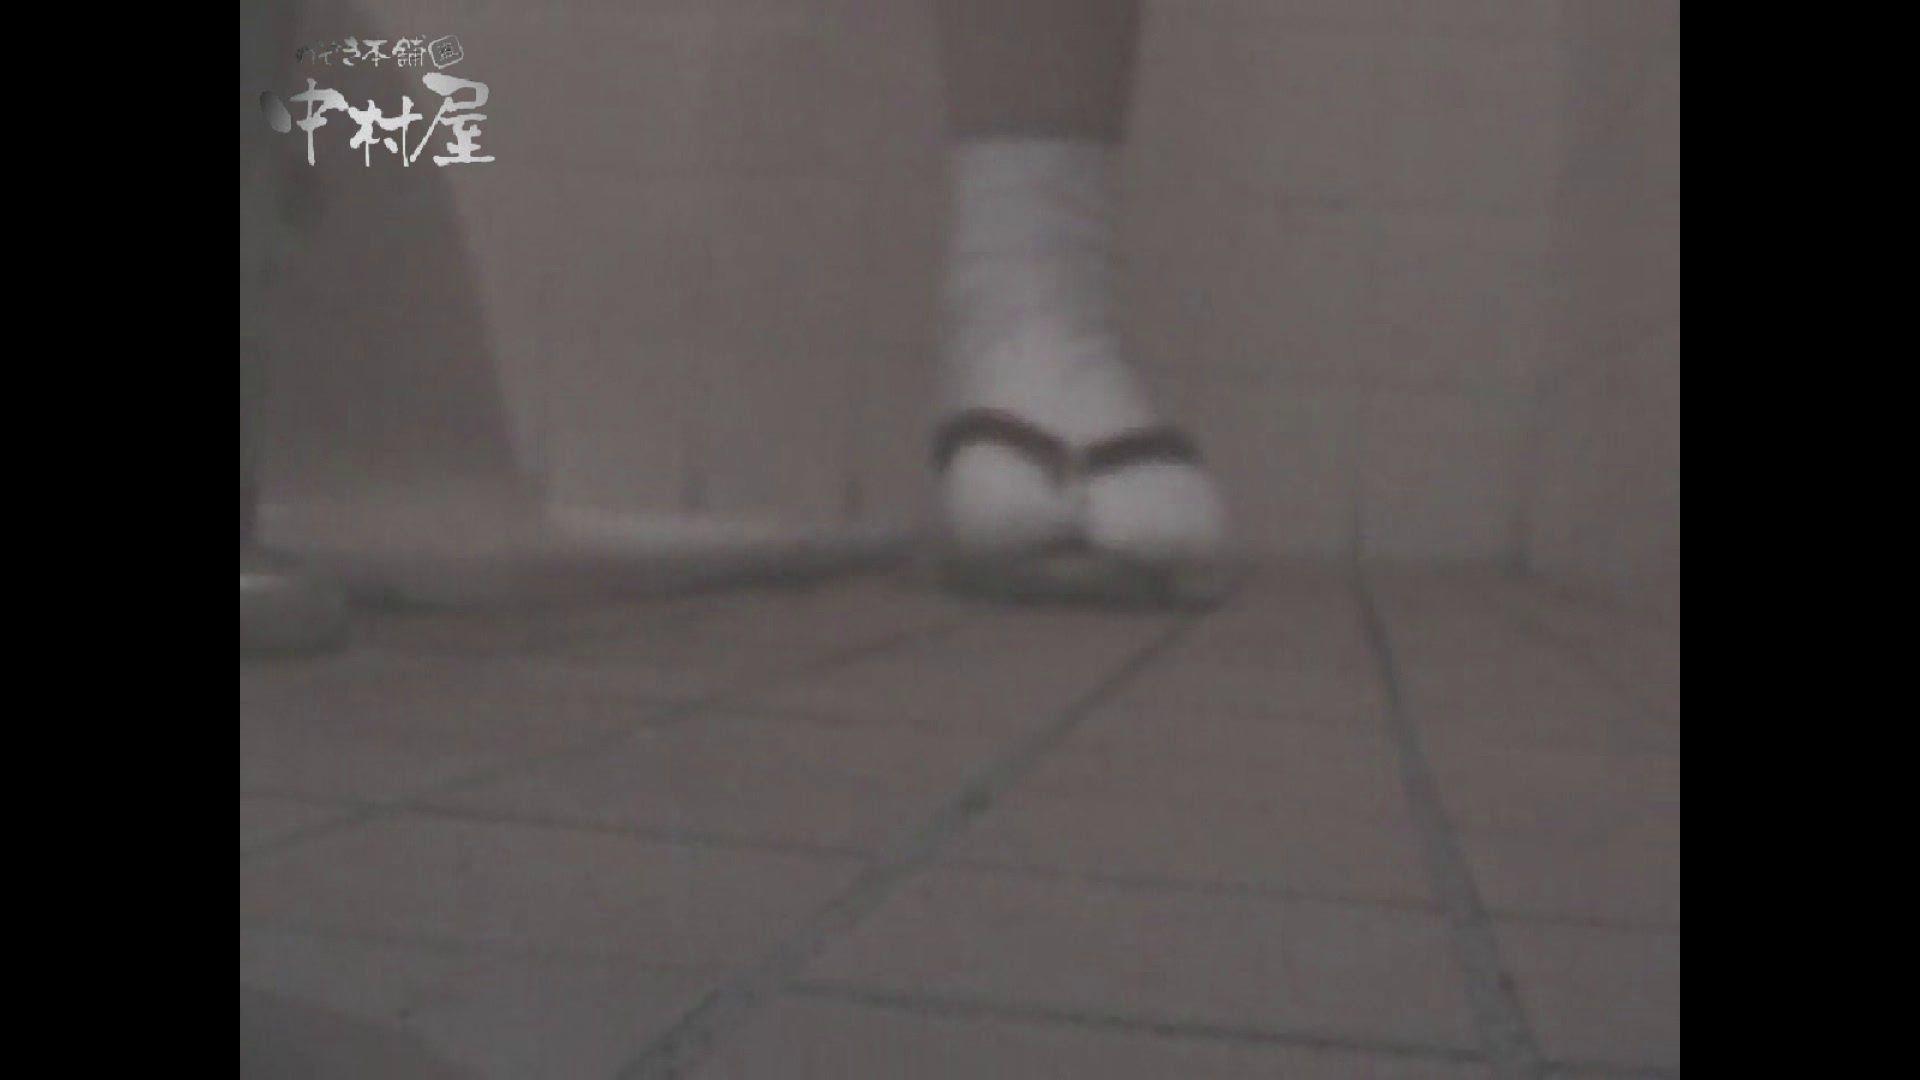 女子トイレ盗撮若い嬢編vol.11 OLセックス 盗撮われめAV動画紹介 50画像 46